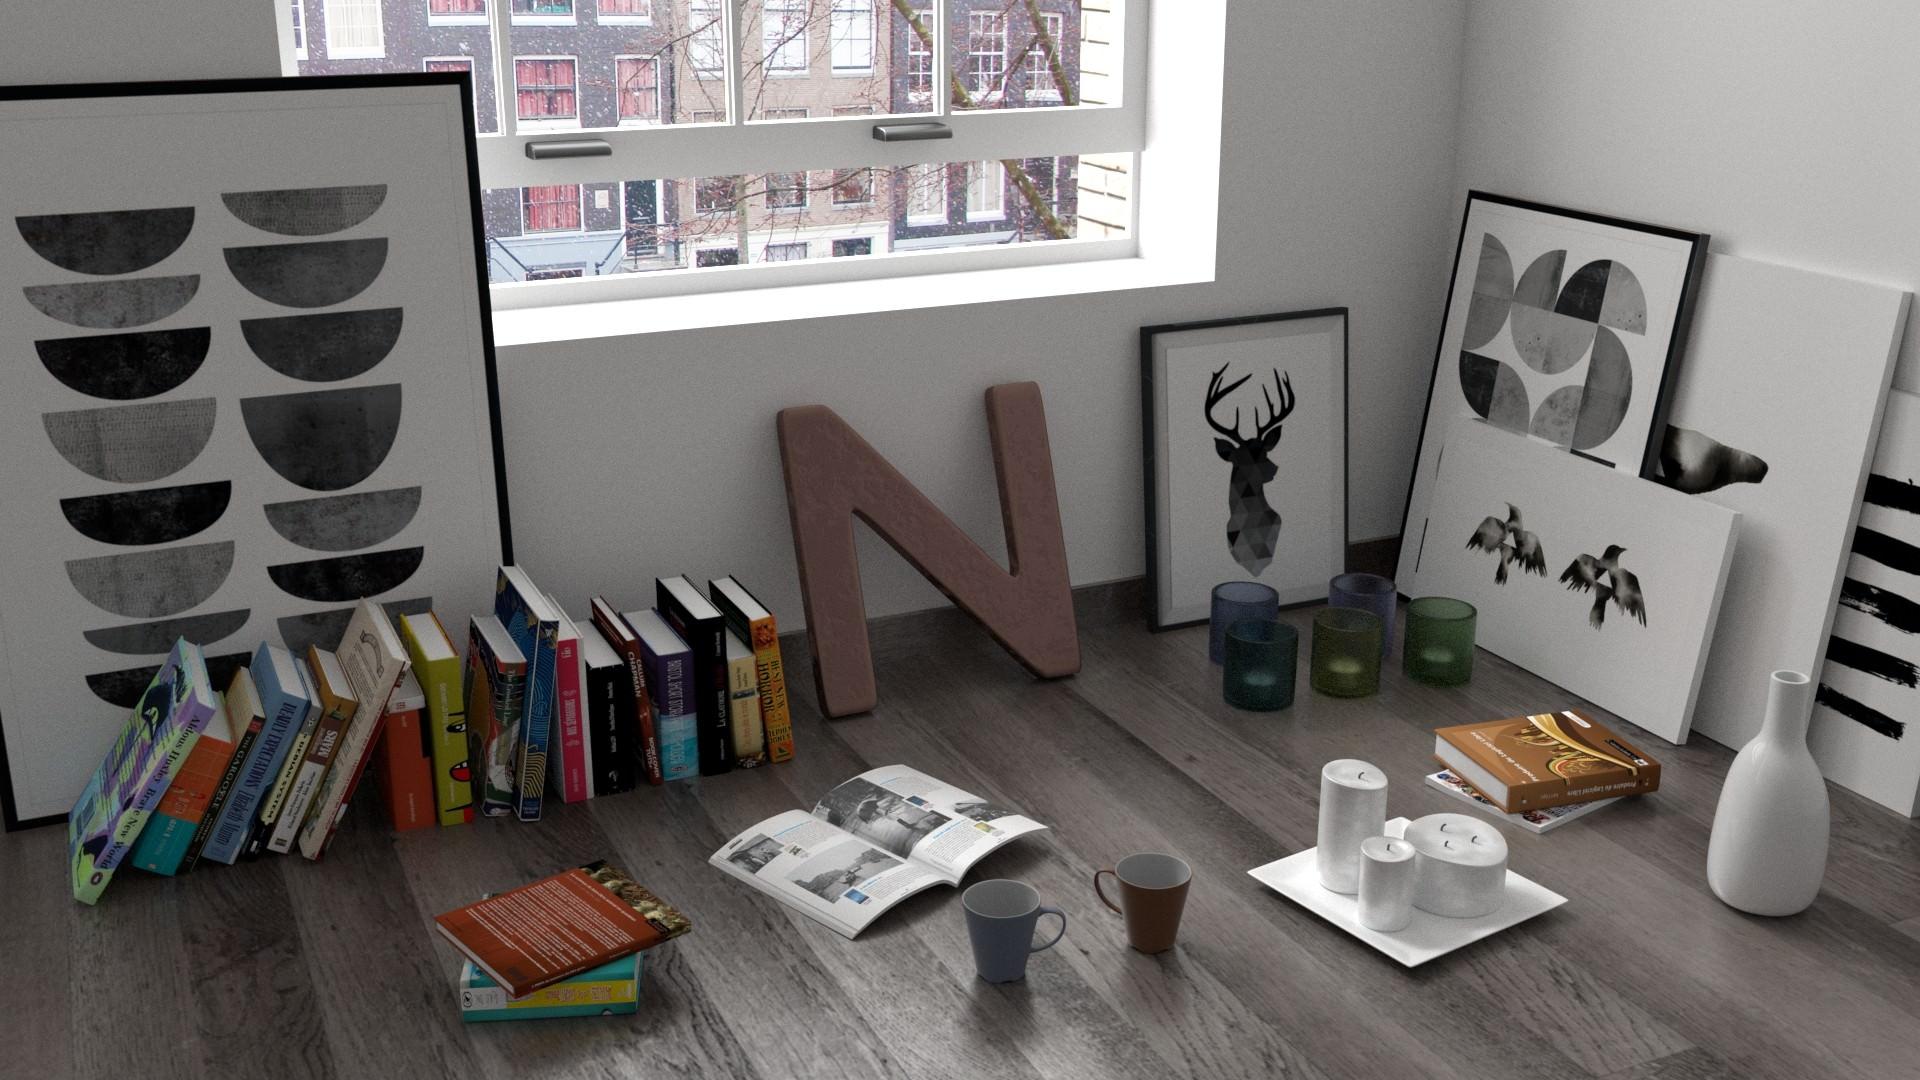 ferienwohnung optimal einrichten eine checkliste. Black Bedroom Furniture Sets. Home Design Ideas